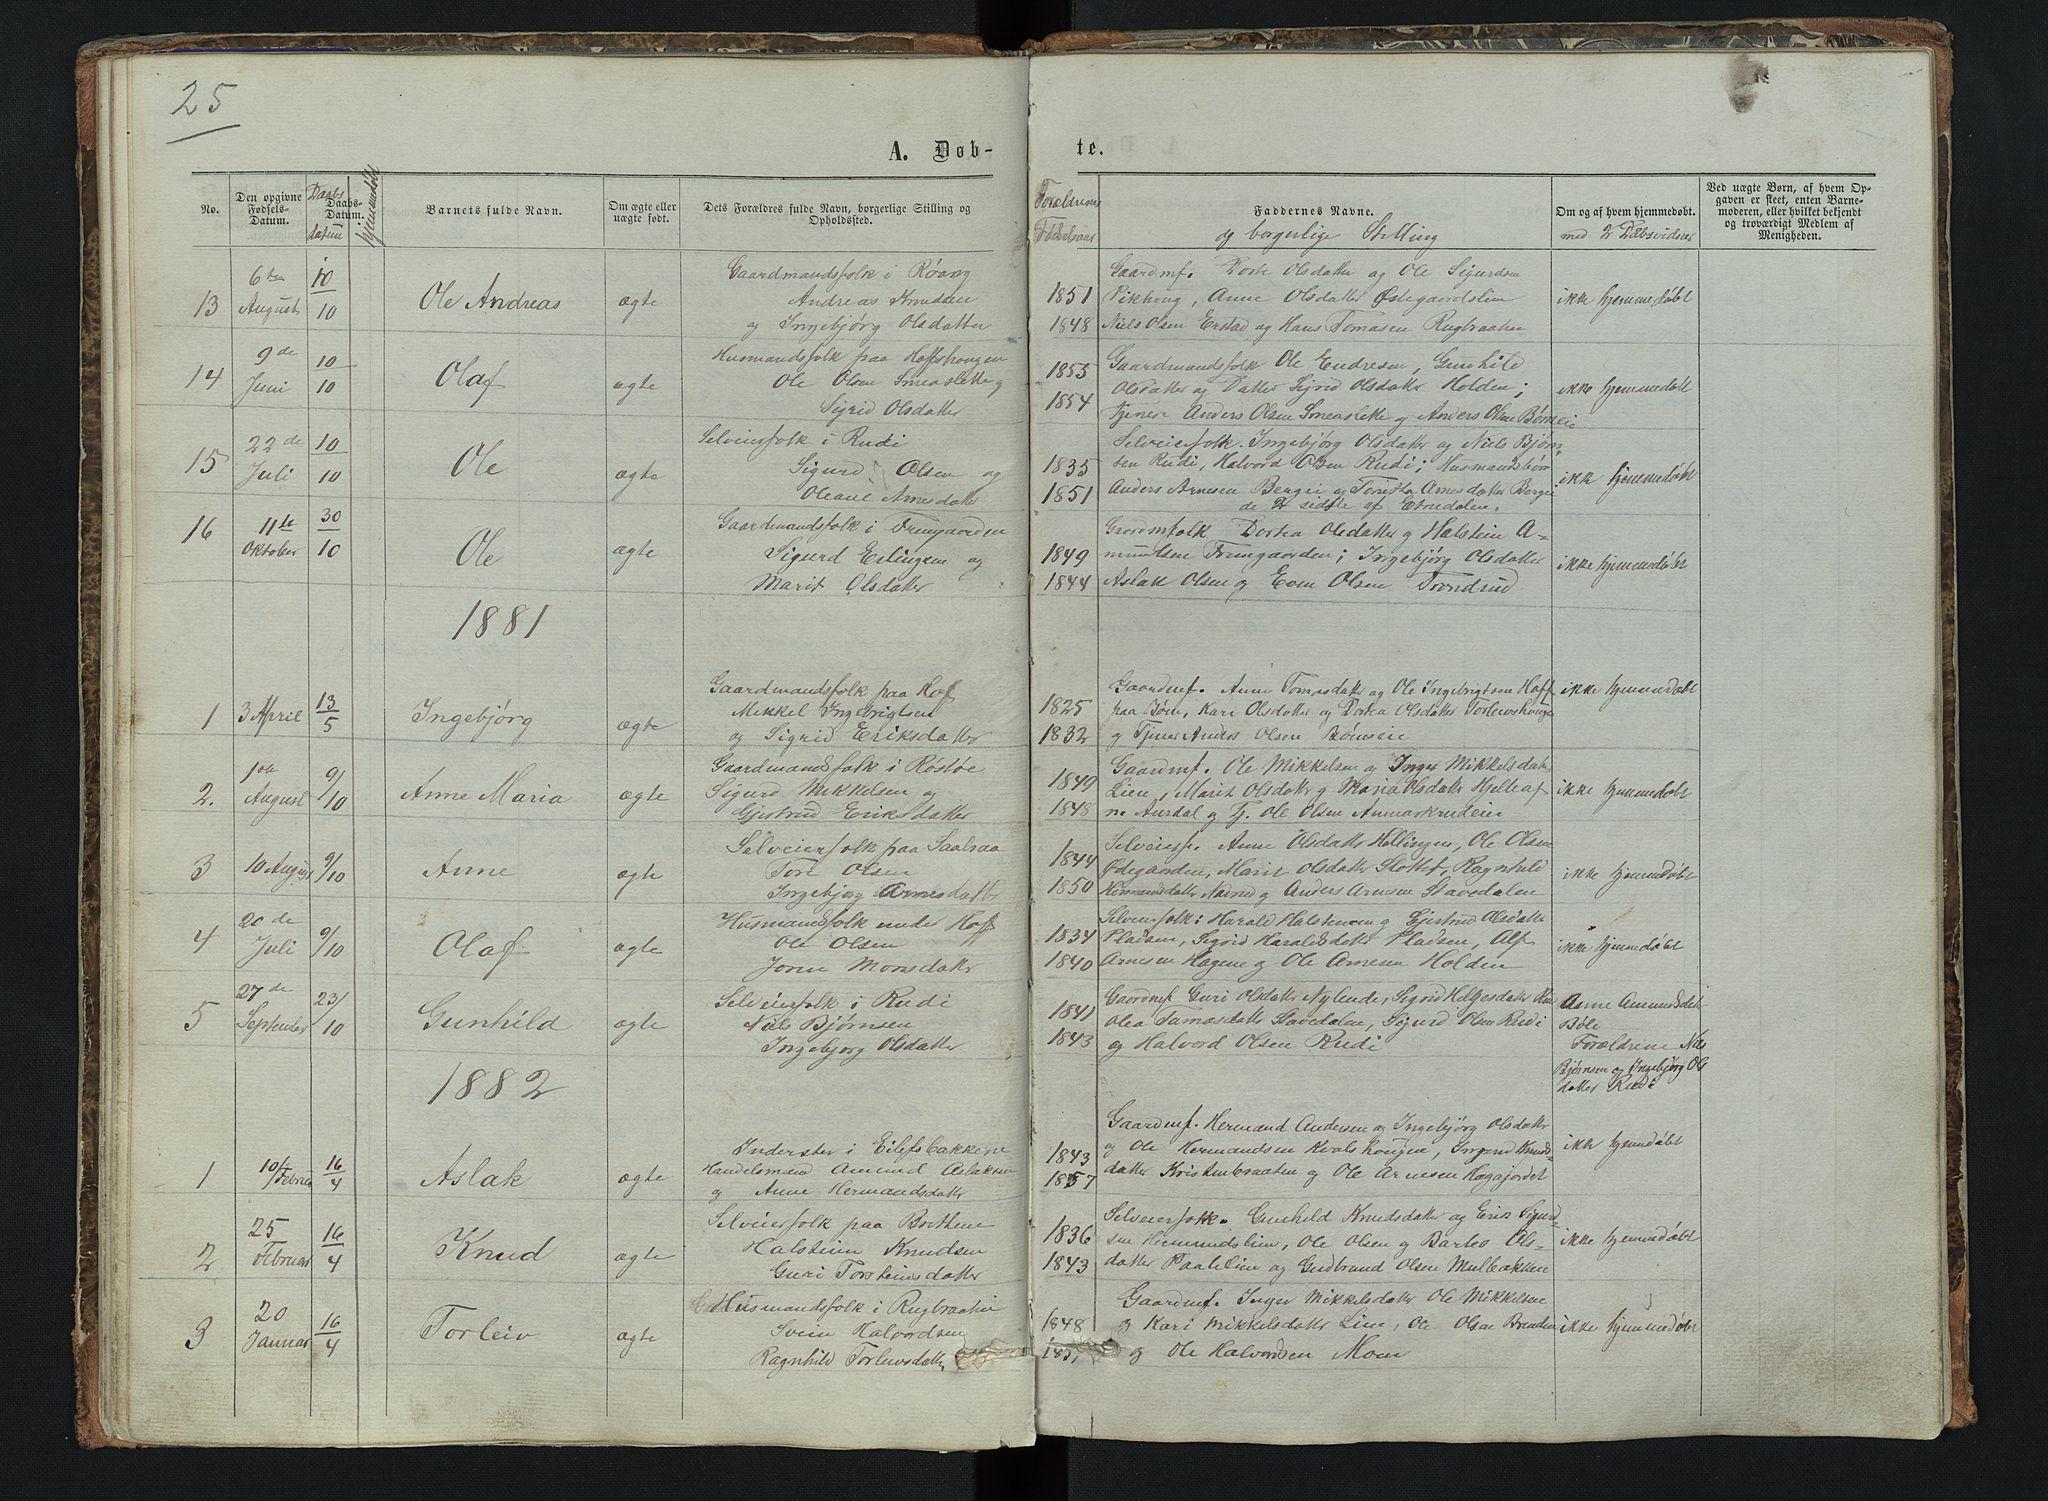 SAH, Sør-Aurdal prestekontor, Klokkerbok nr. 6, 1866-1893, s. 25